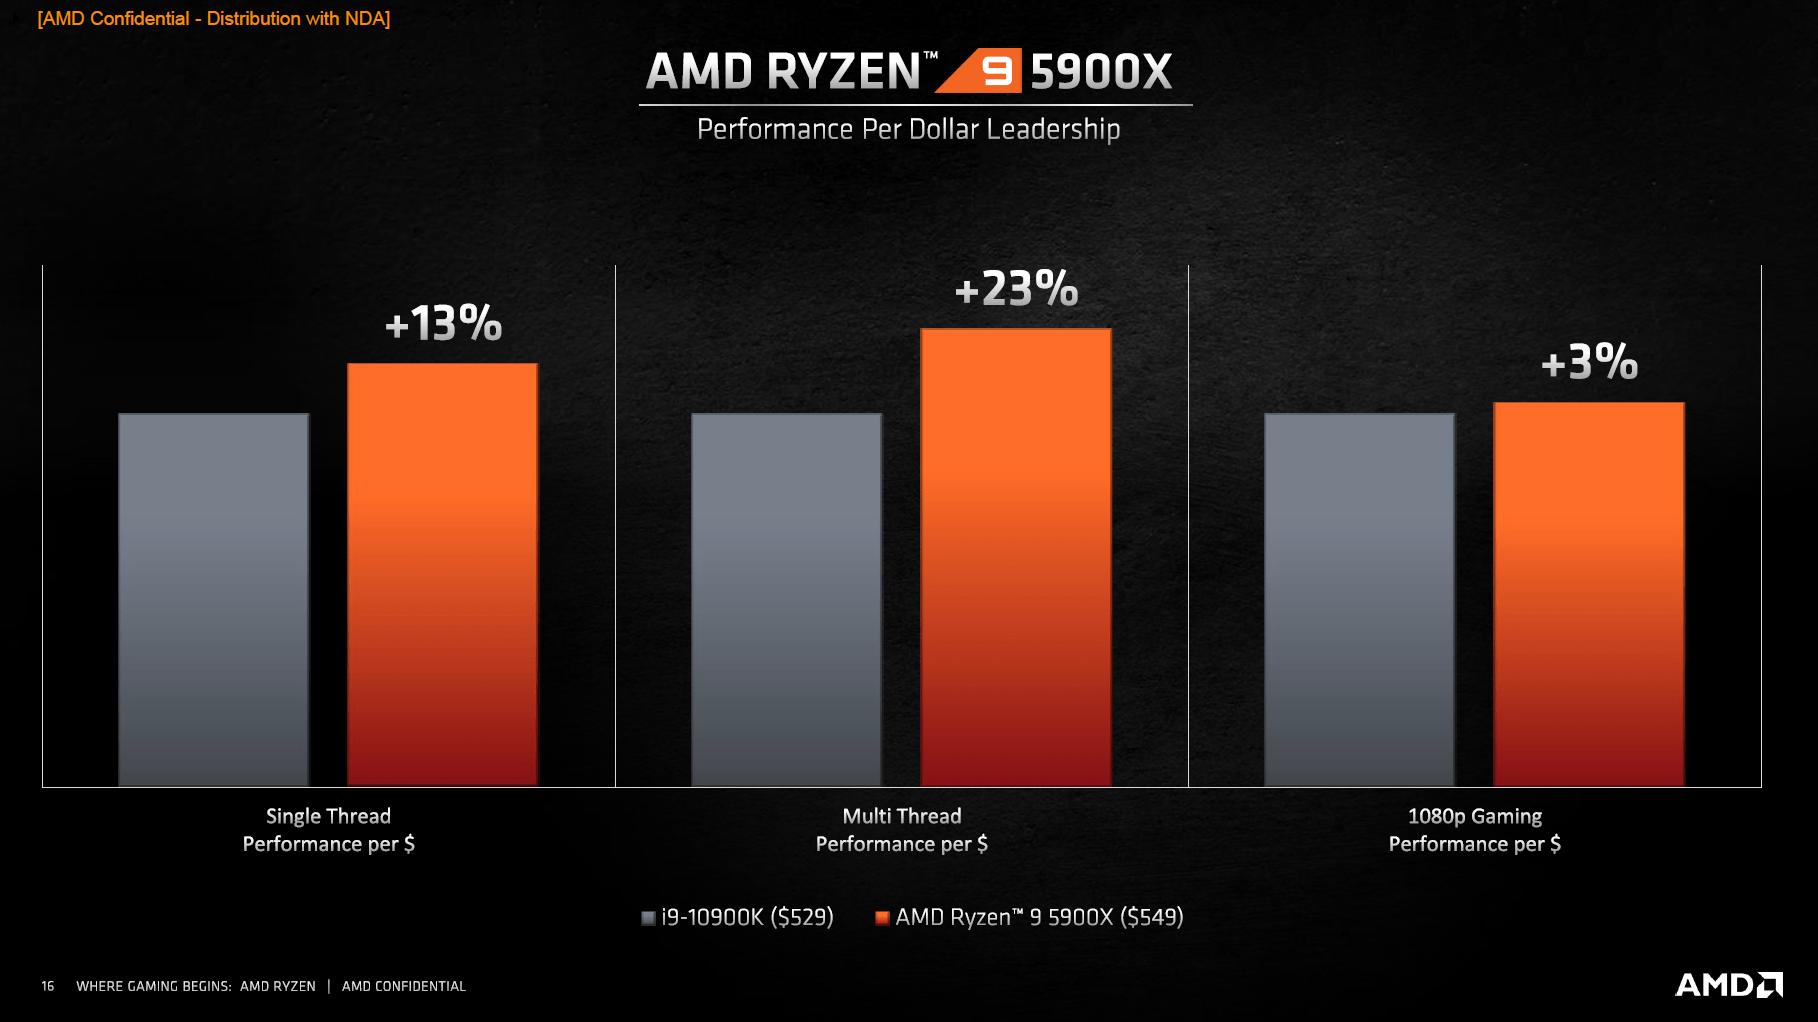 AMD Ryzen 9 5900X vs. Intel Core i9-10900K